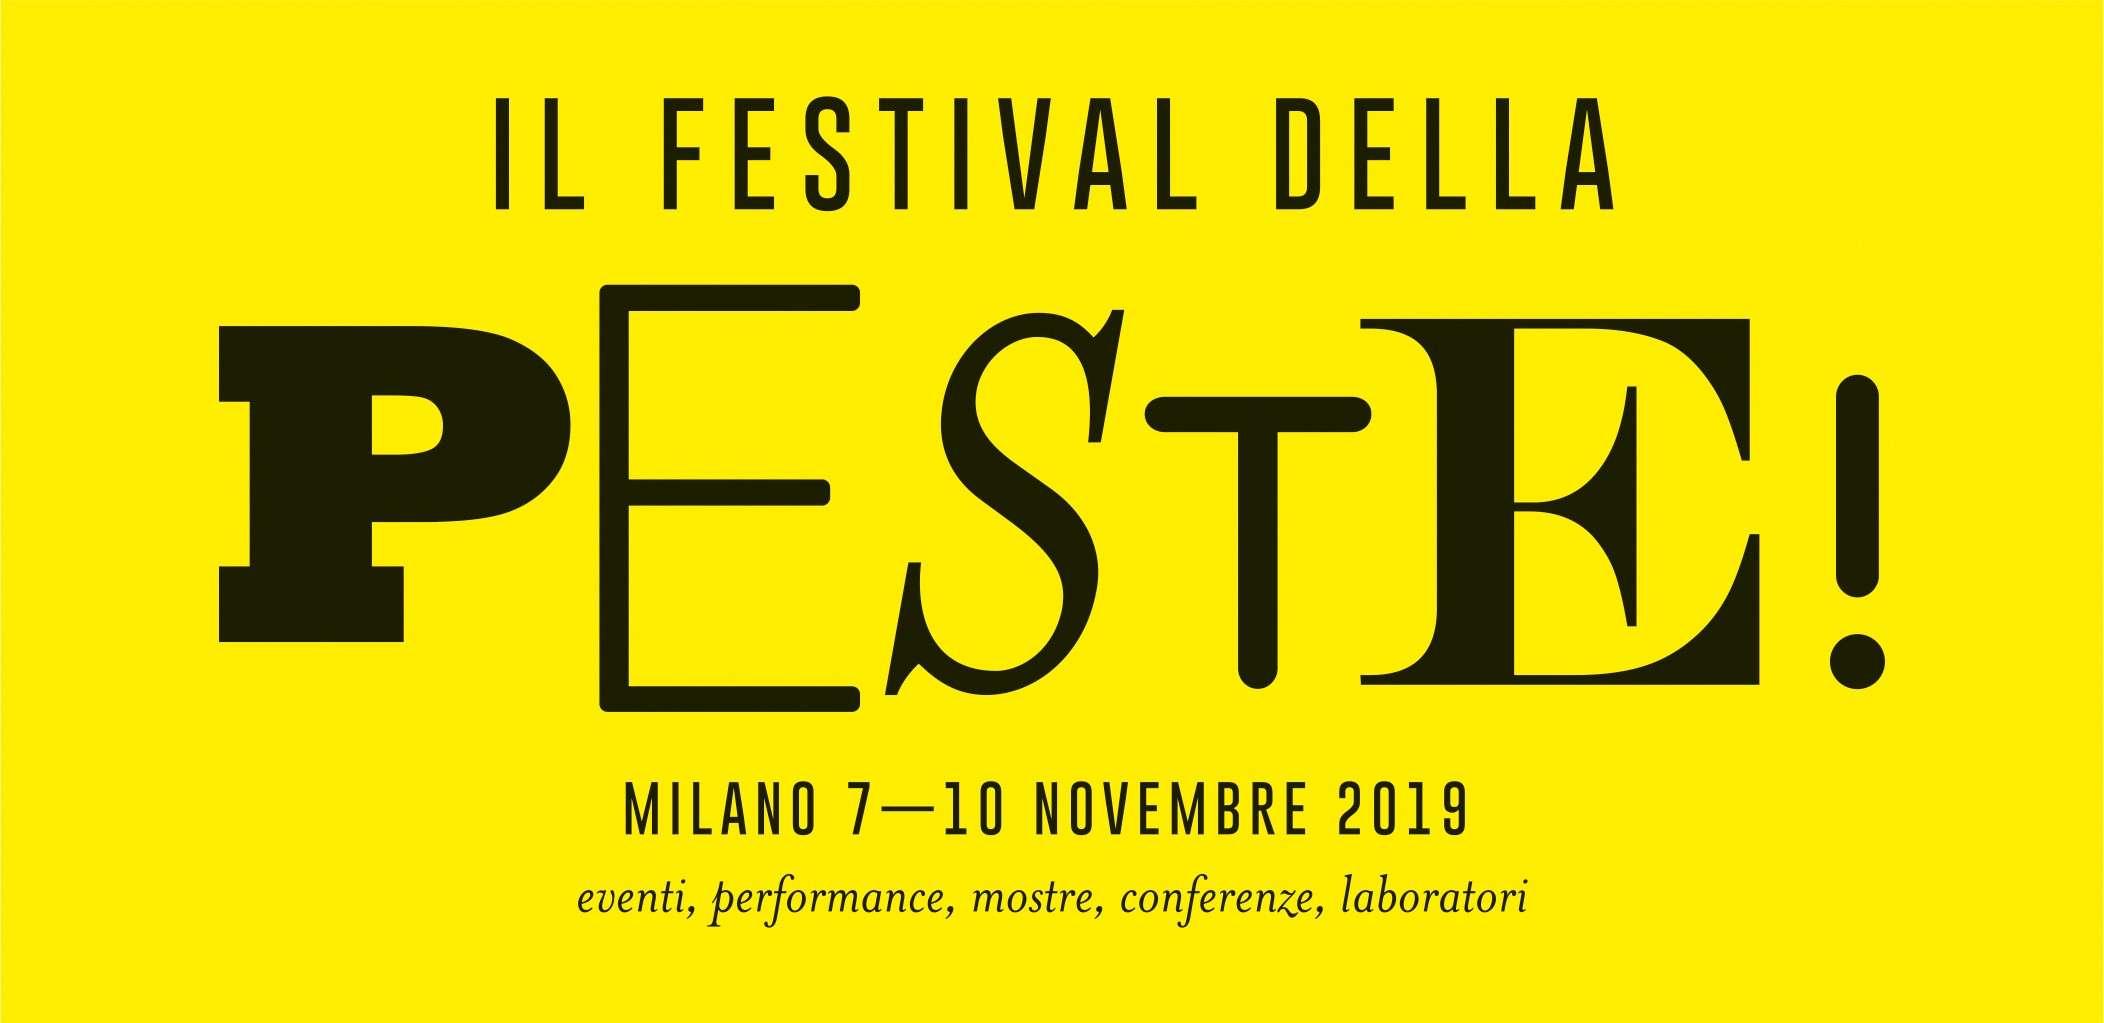 Festival della Peste_2019